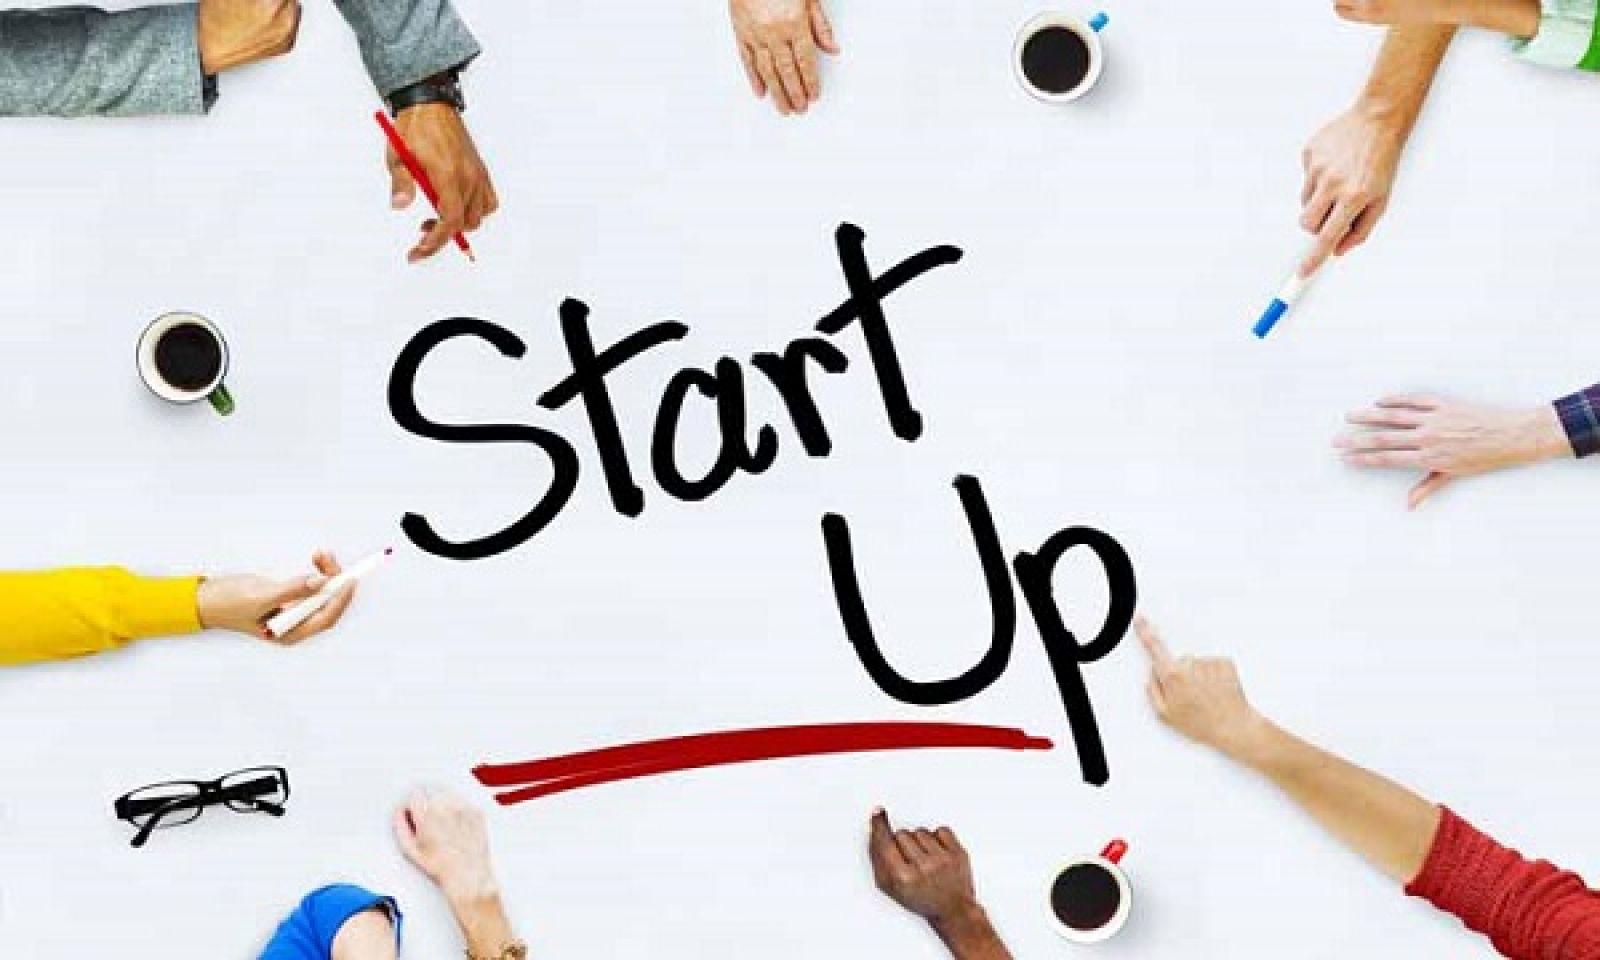 Giải pháp thúc đẩy hiệu quả doanh nghiệp khởi nghiệp đổi mới sáng tạo | Tạp  chí Quản lý nhà nước